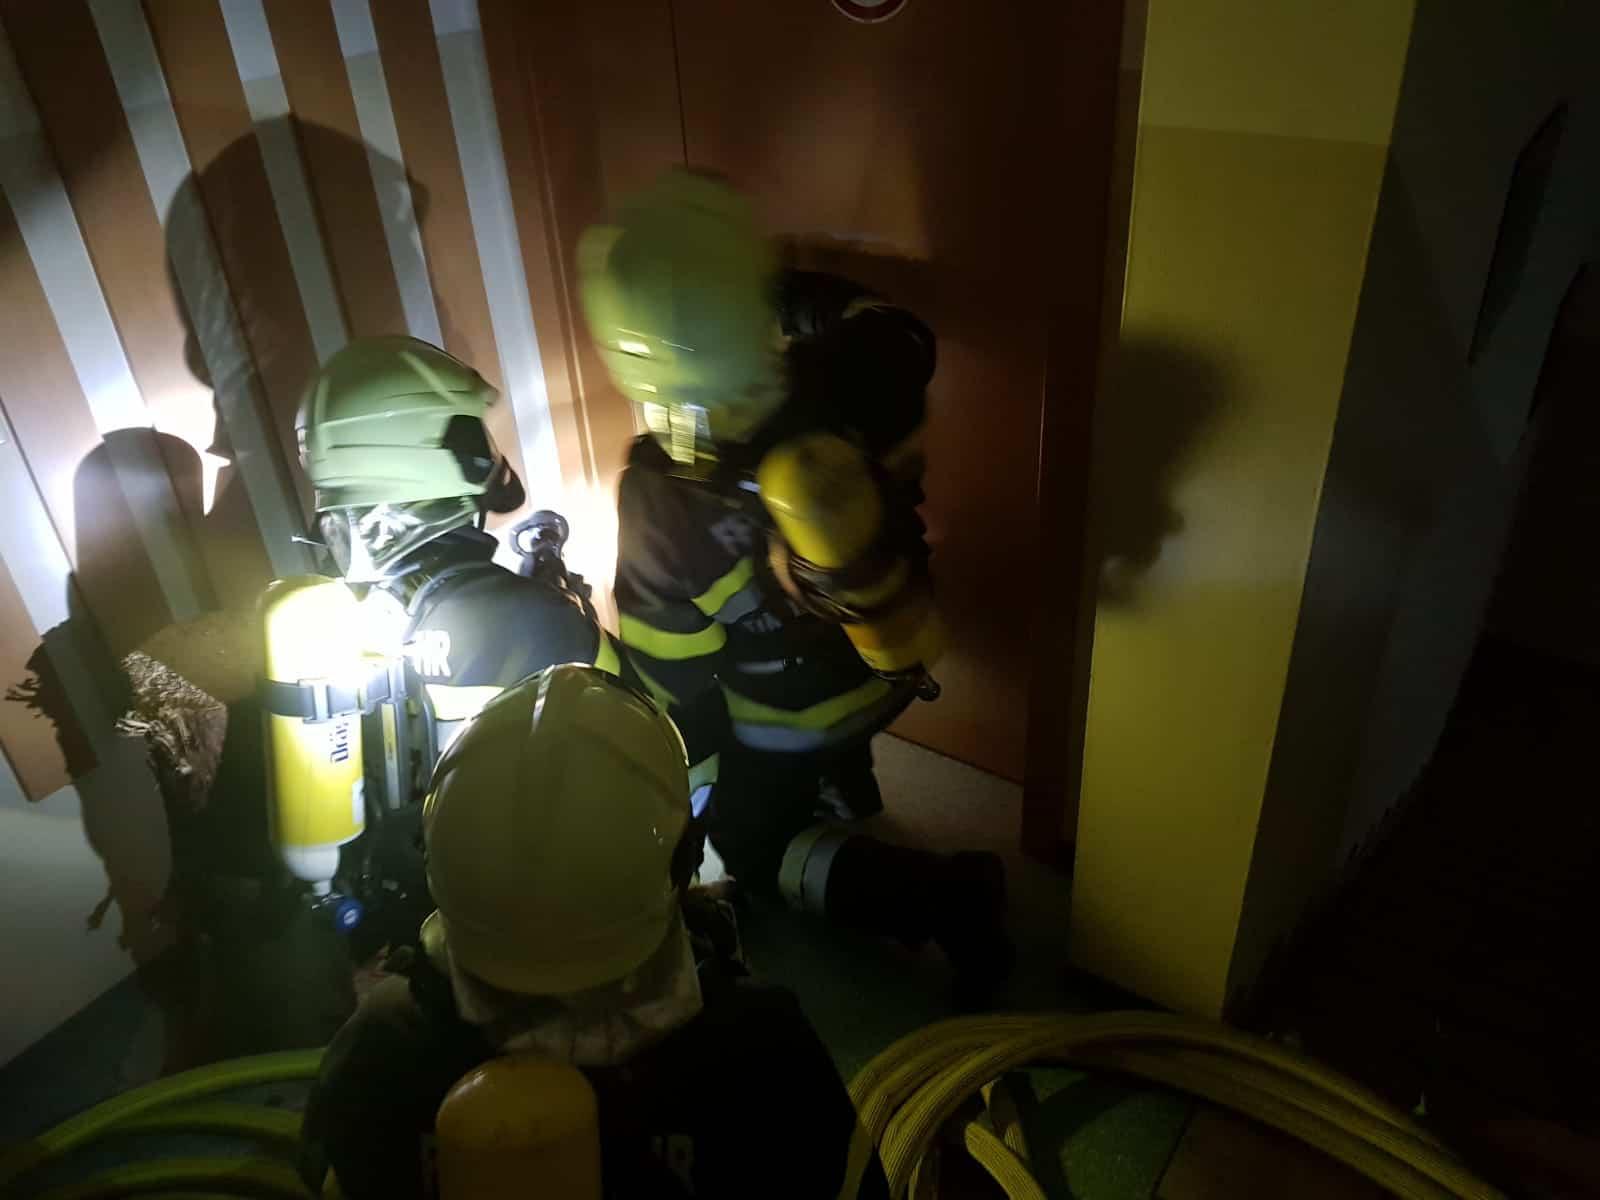 Atemschutzübung im Rüsthaus – 24.02.2020